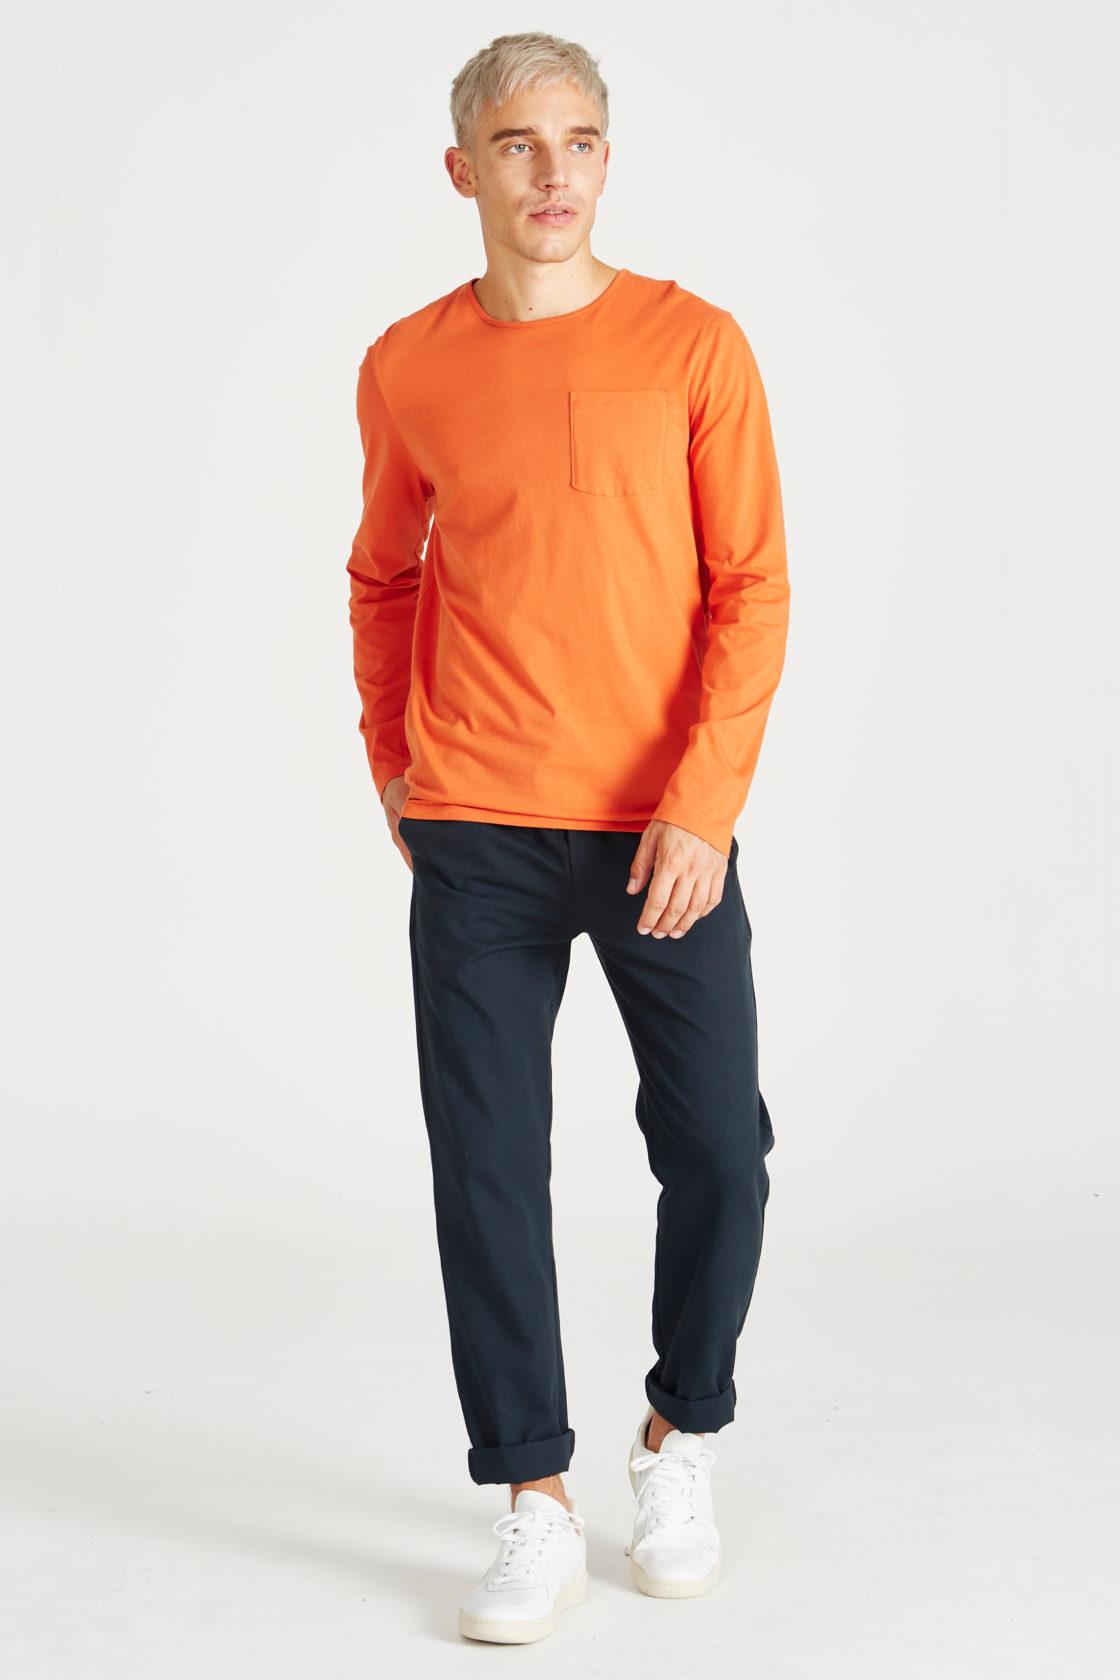 Givn Longsleeve Reuben Orange 3